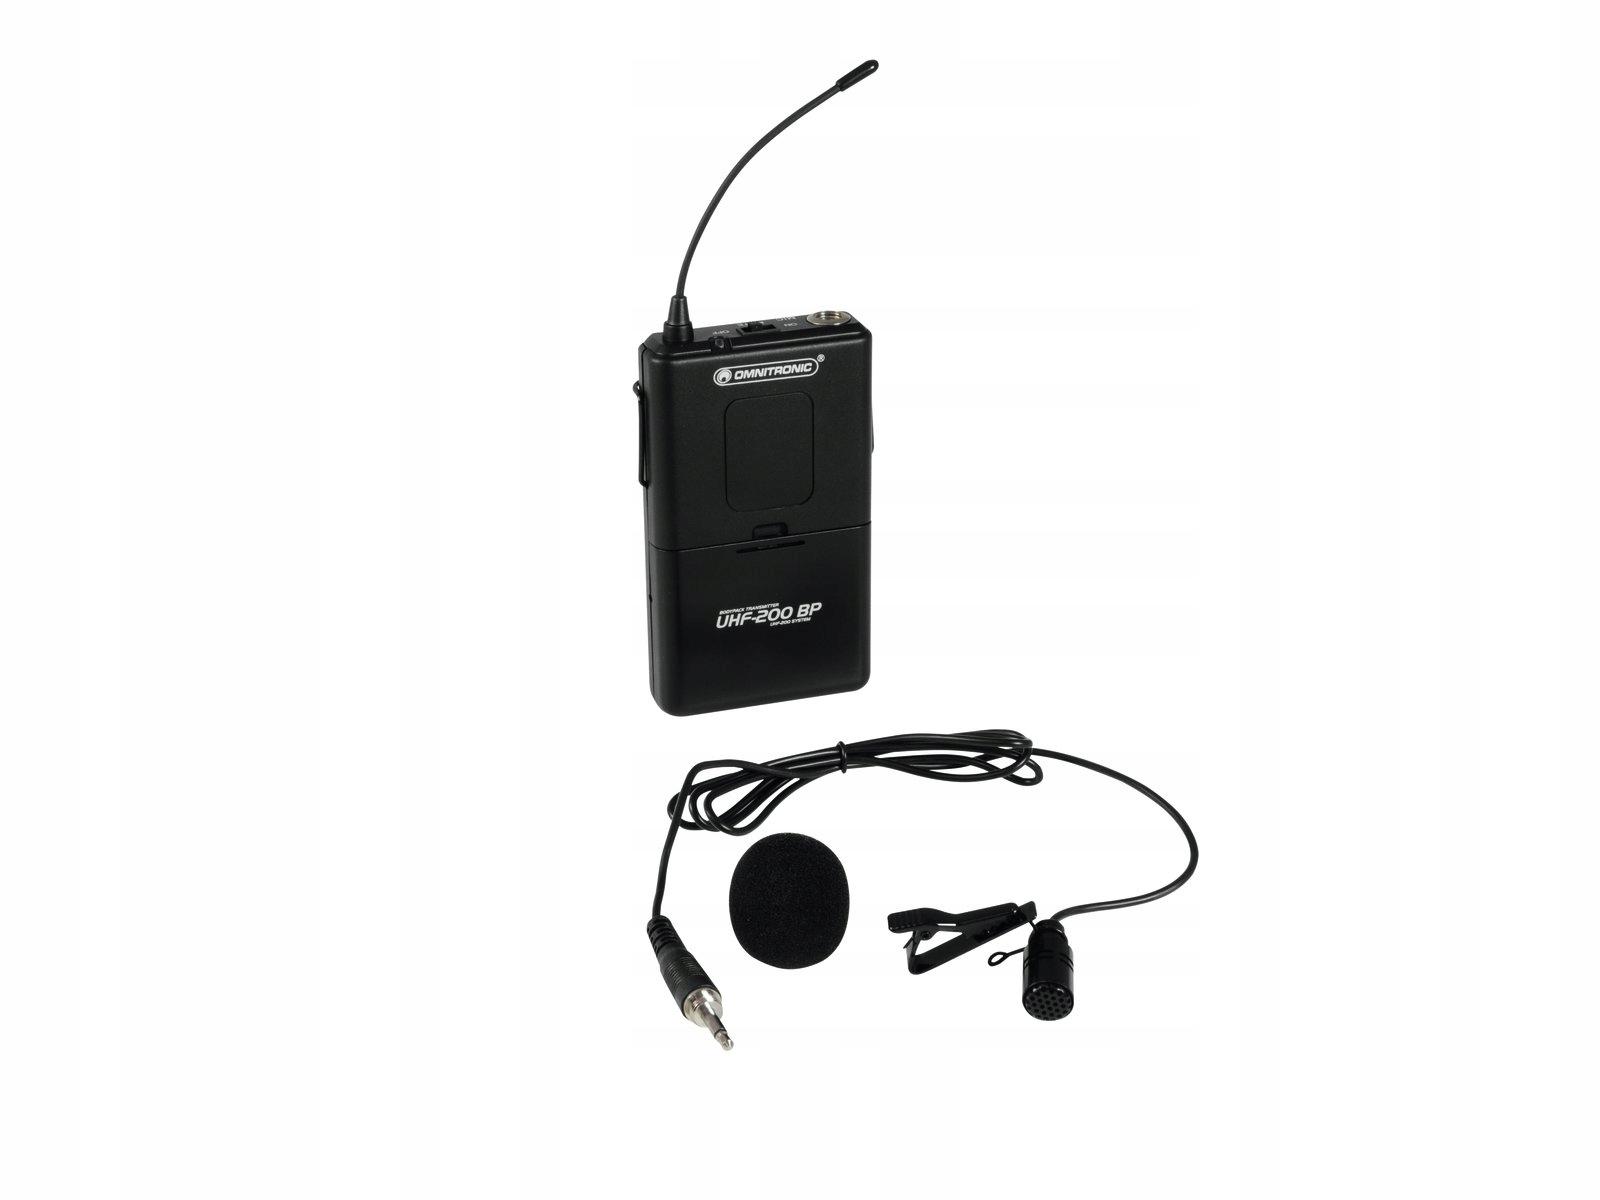 Omnitronic UHF-200 BP BodyPack / vysielač 863.420MHz